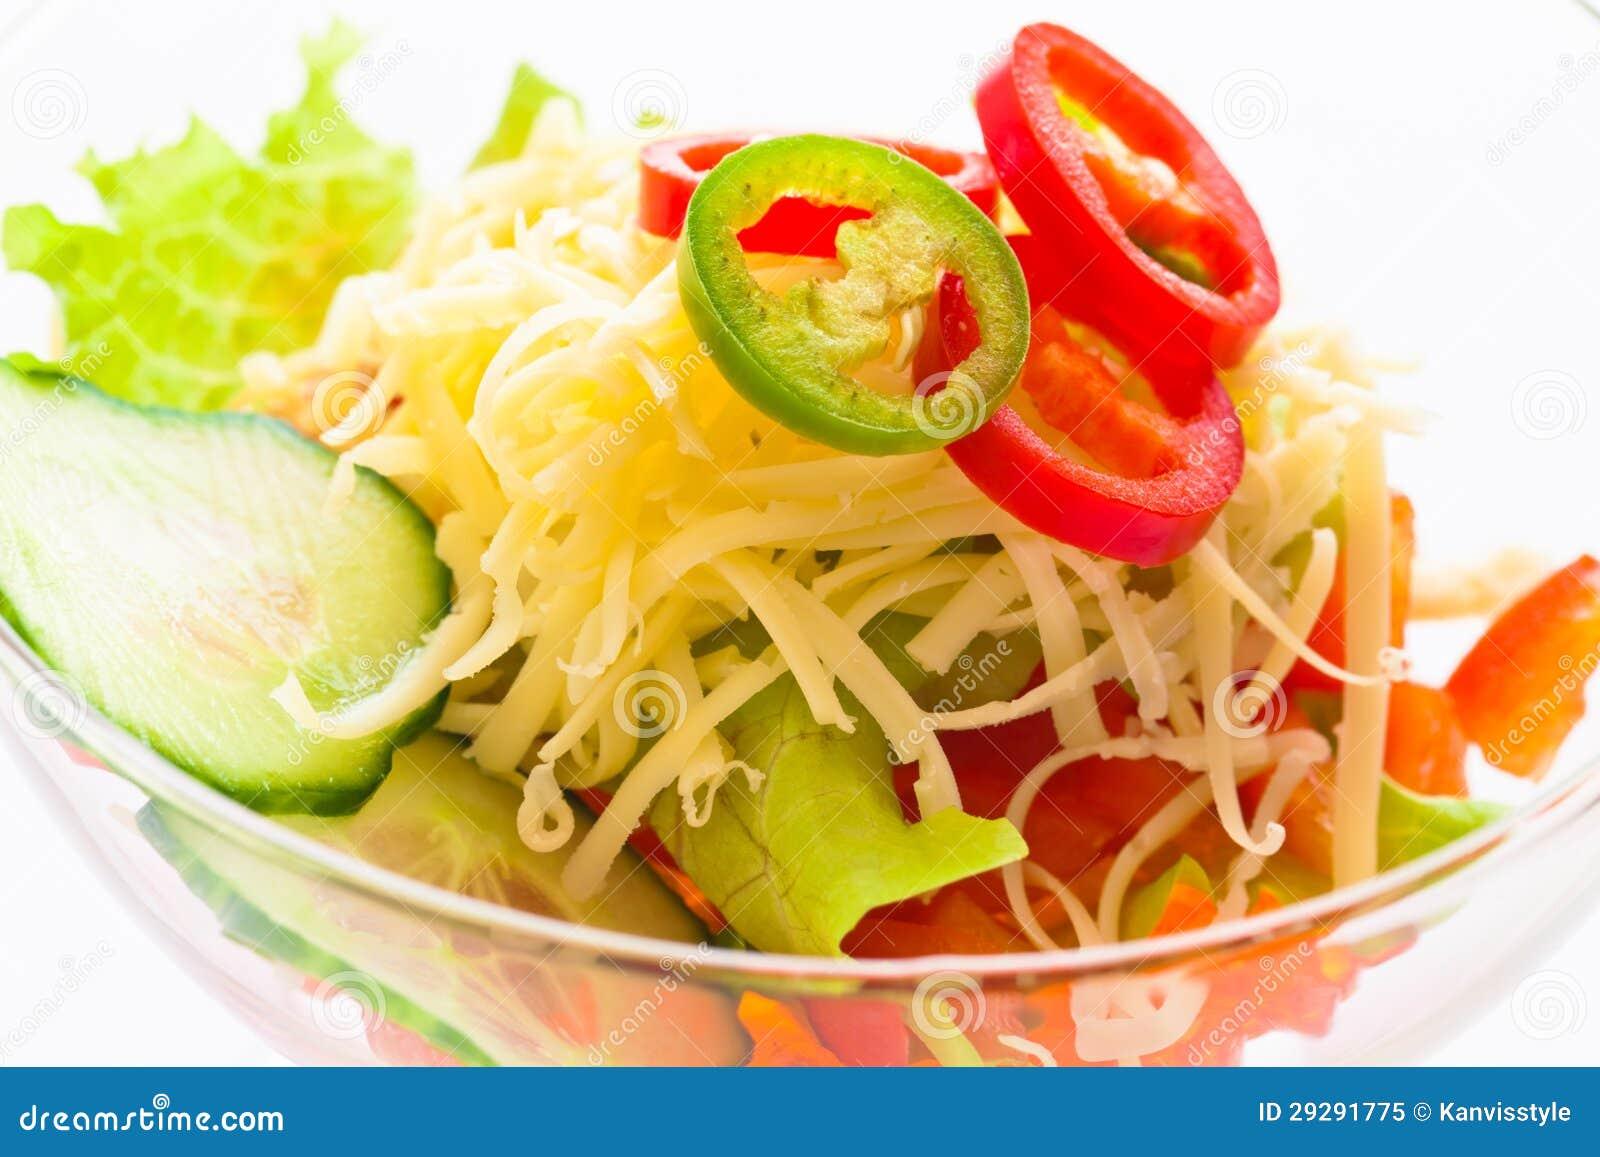 Salladgrönsakgurka, tomat, ost och pomegranate